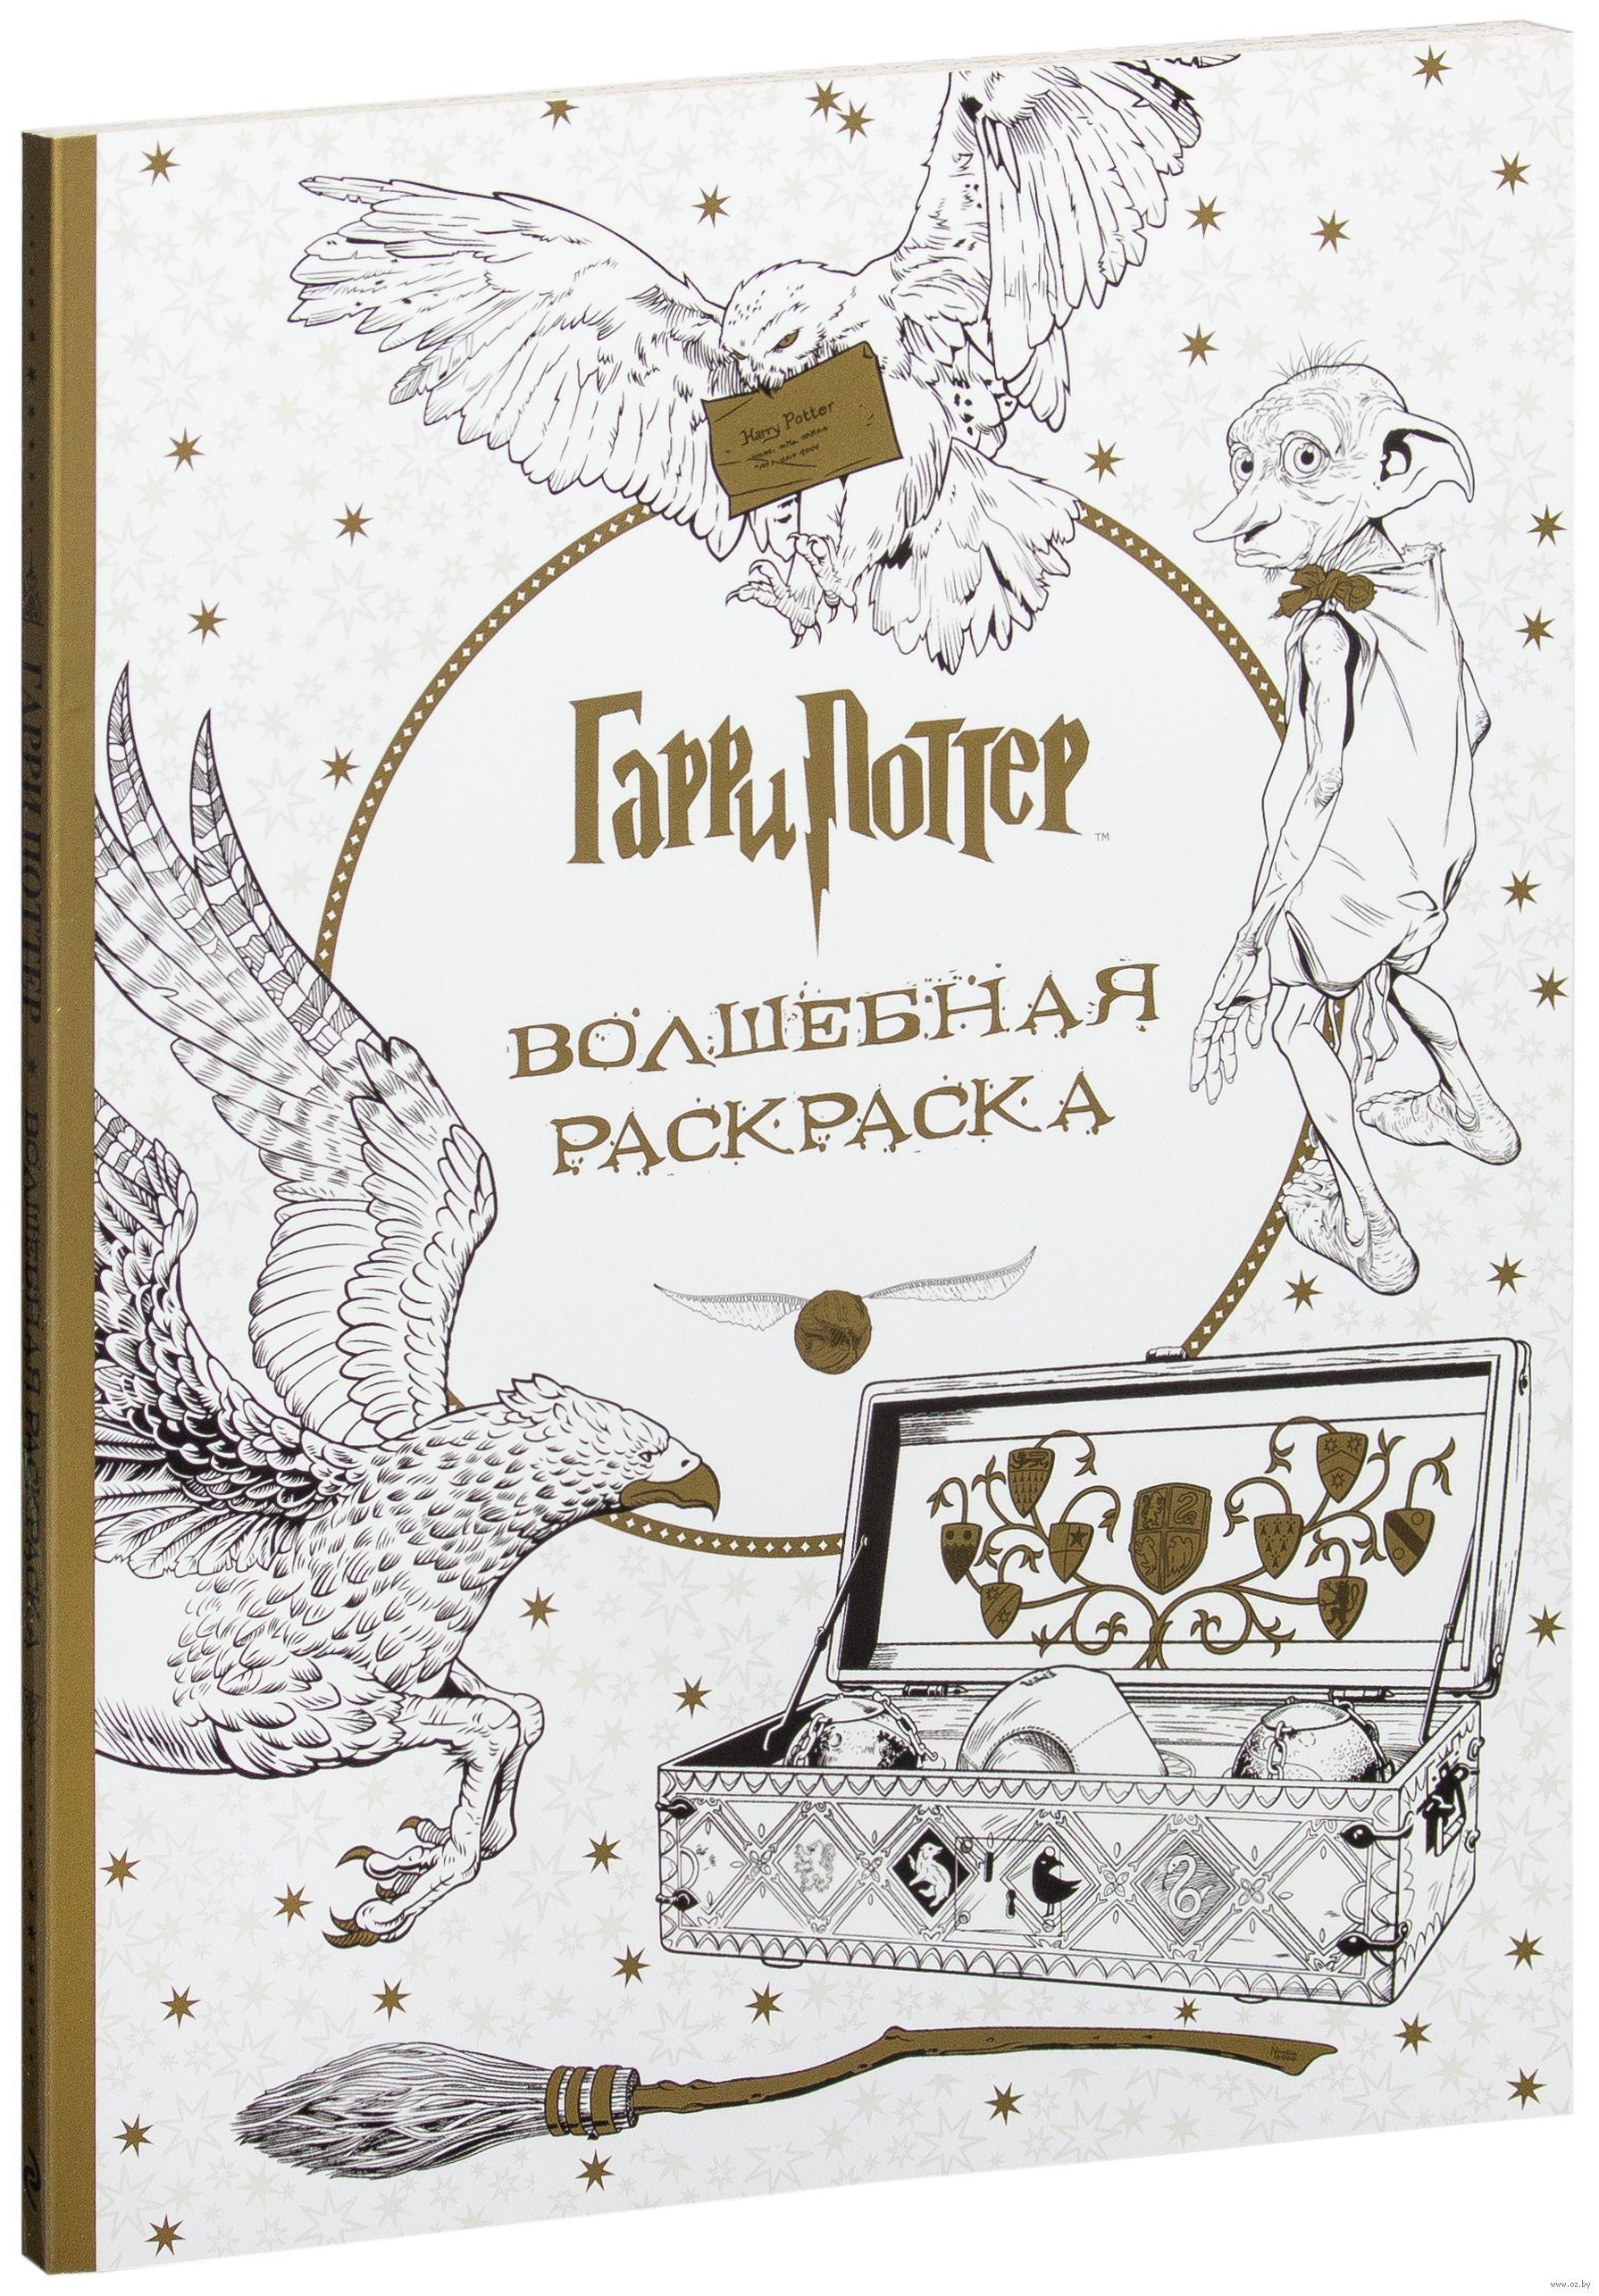 гарри поттер волшебная раскраска купить раскраску гарри